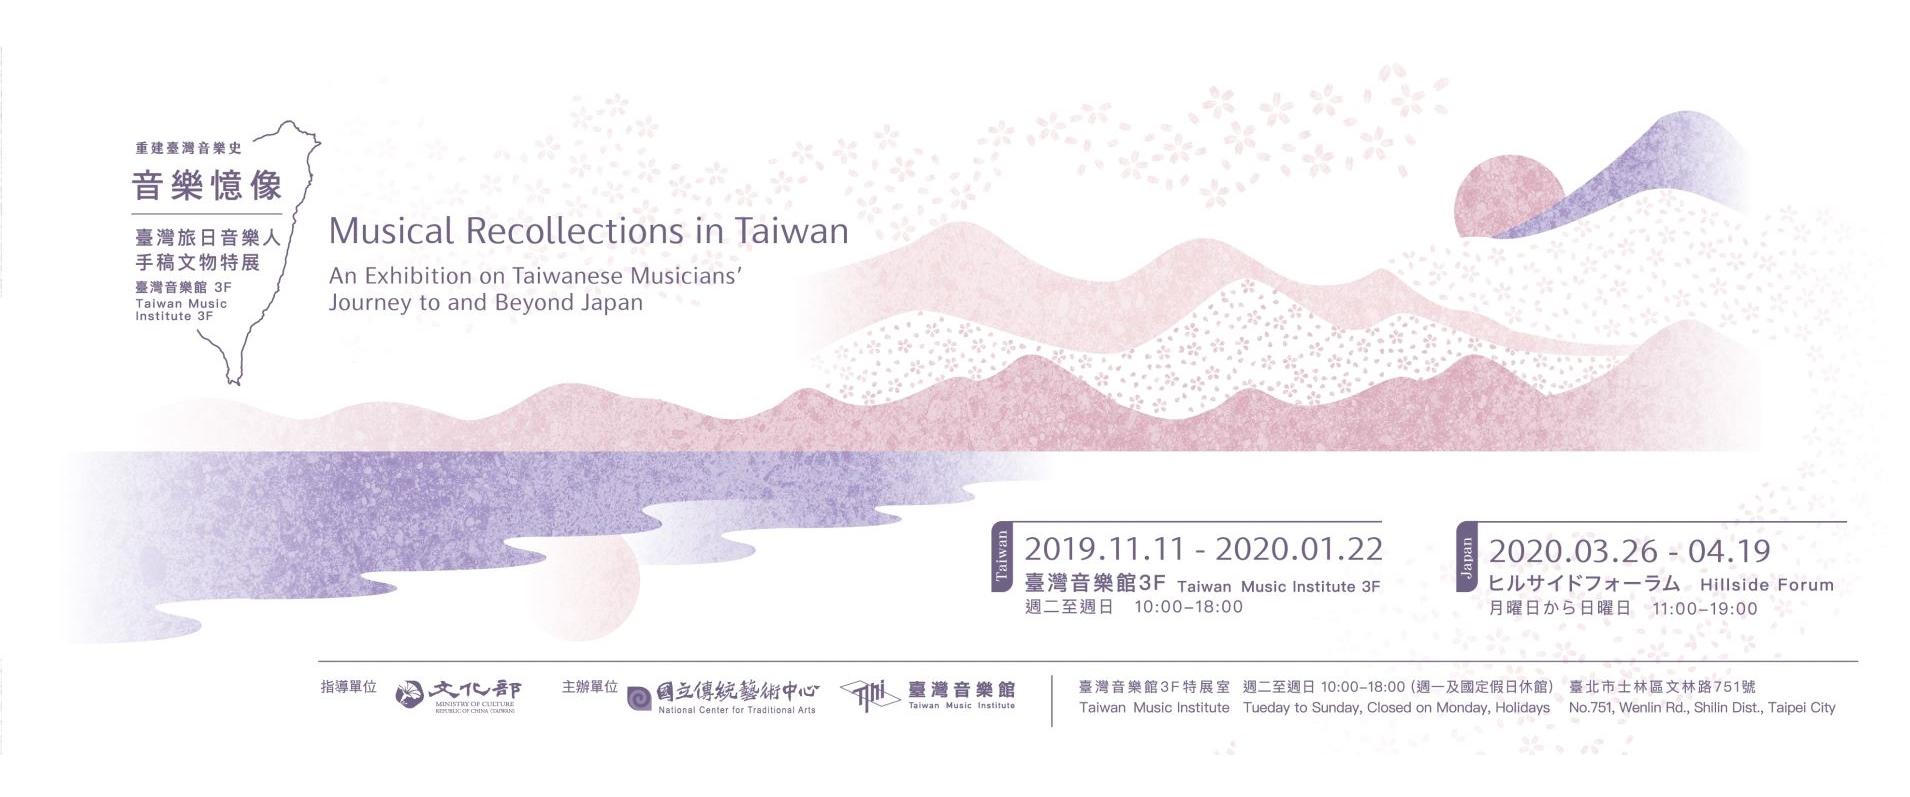 「音楽憶像―台湾旅日音楽人手稿文物特展」[另開新視窗]